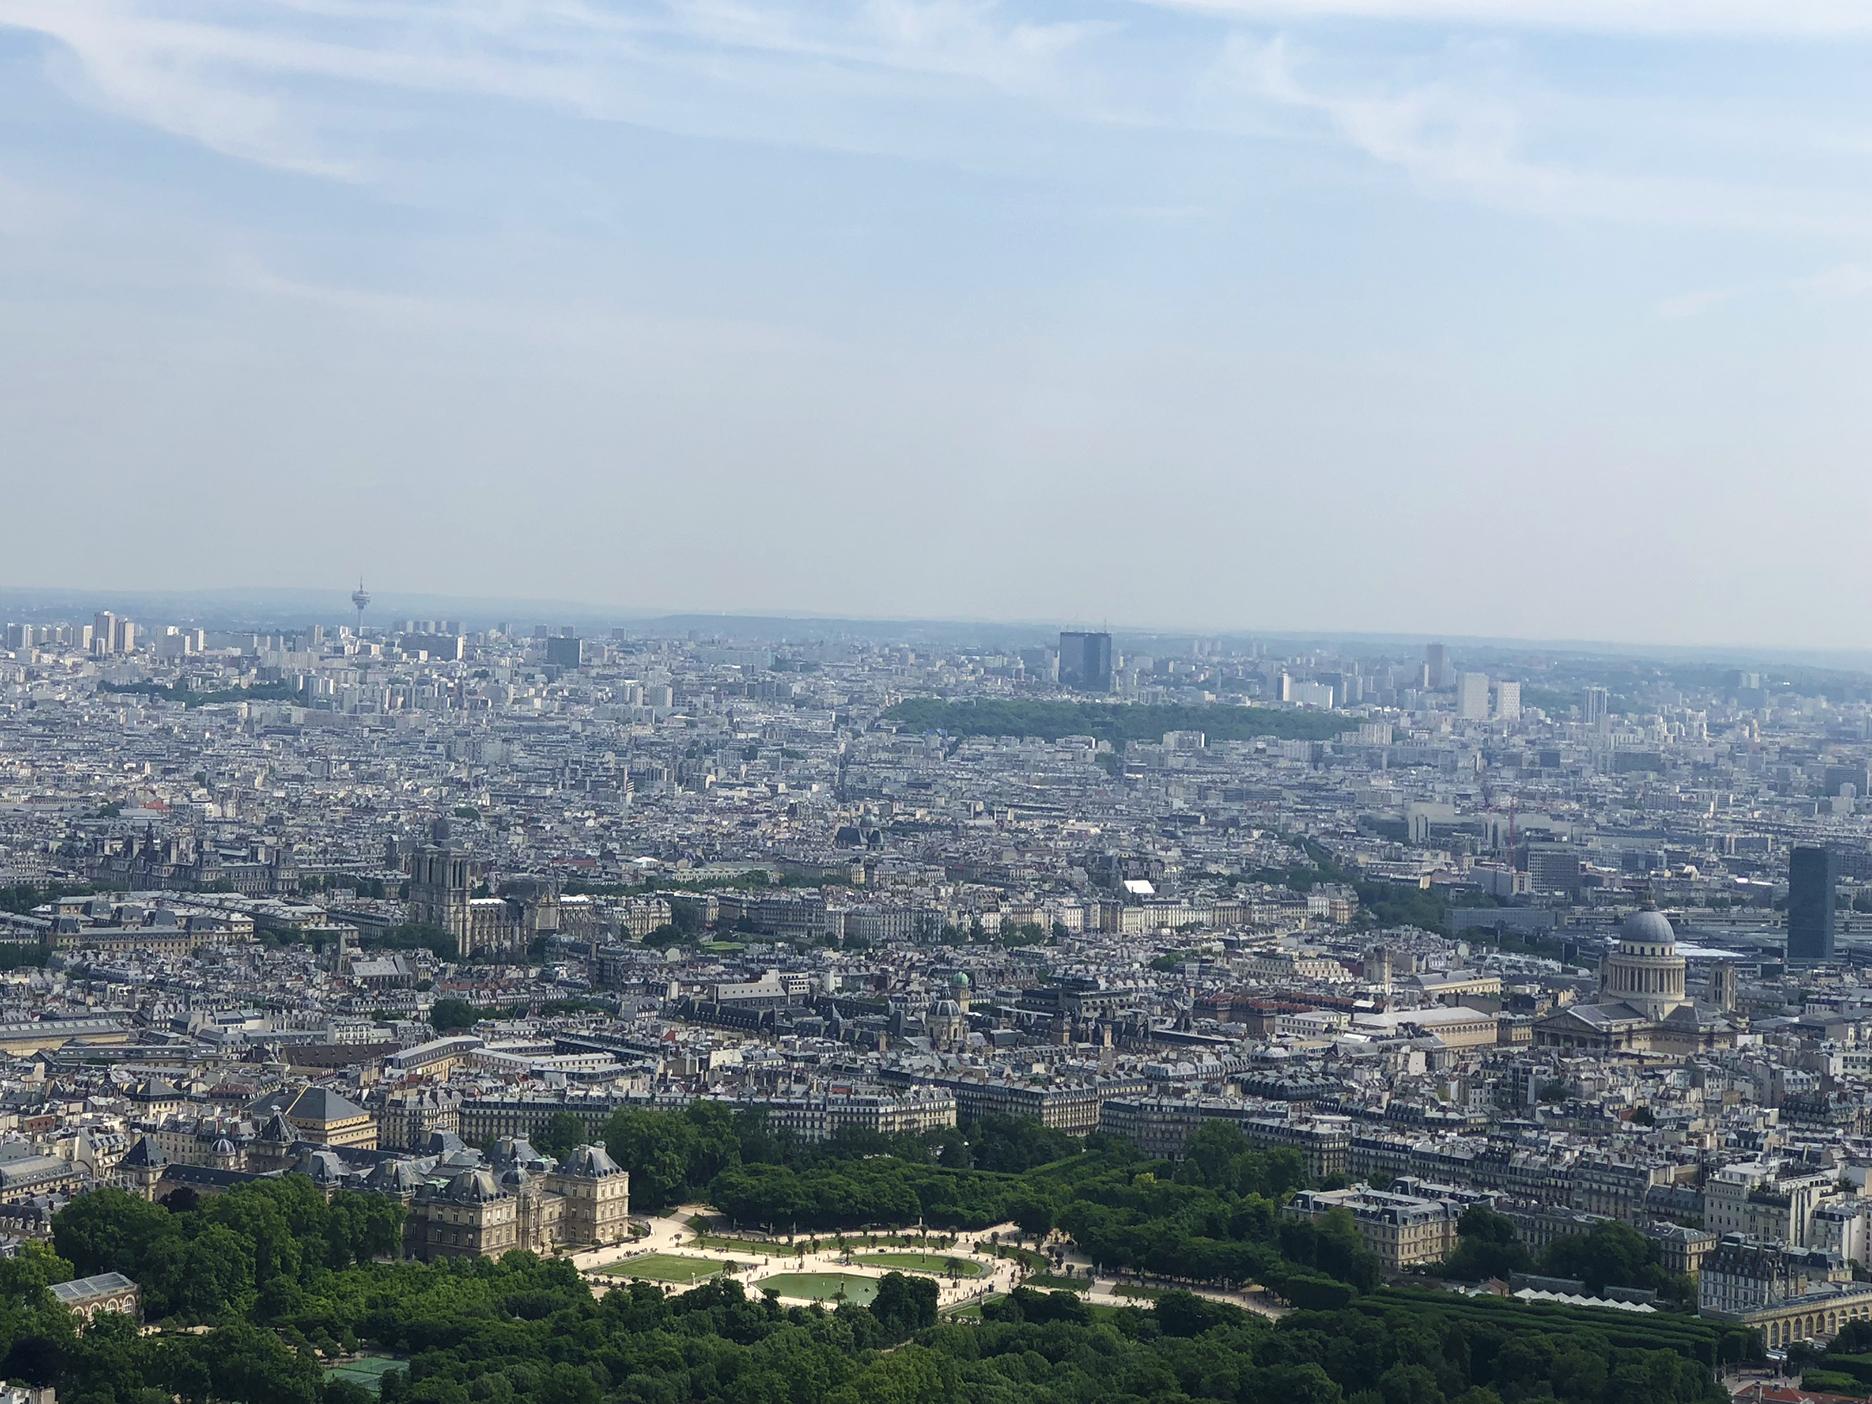 Notre-Dame, Luxembourg gardens, la Sorbonne, Le Panthéon, tour Jussieu.